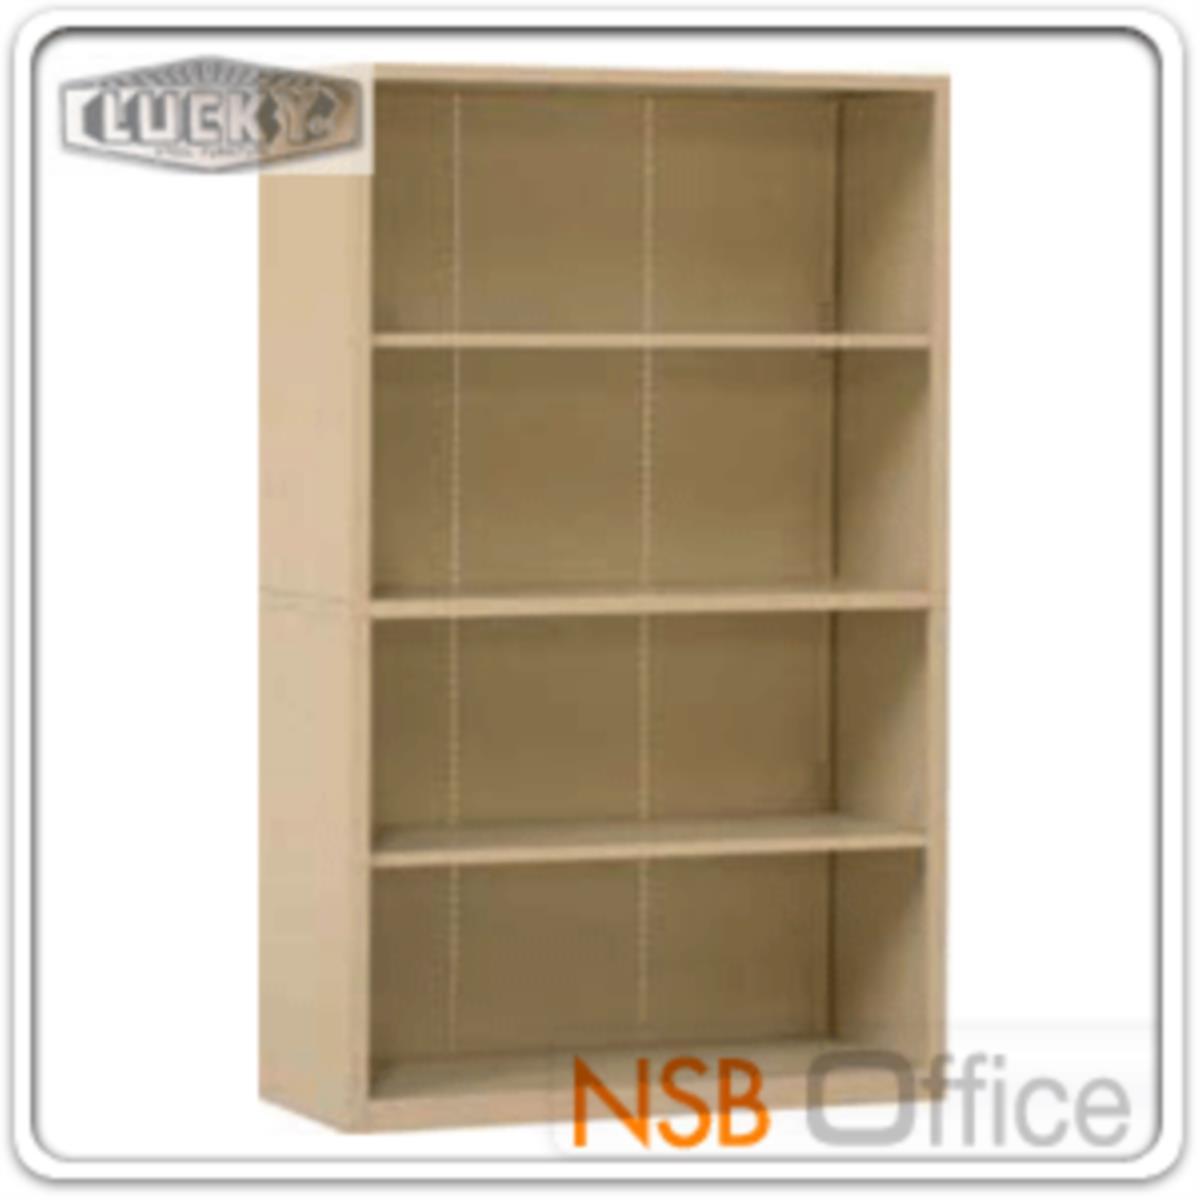 ตู้วางหนังสือ 4 ช่องโล่ง 76.2W*32D*152.4H cm.  รุ่น LUCKY-SB-3060